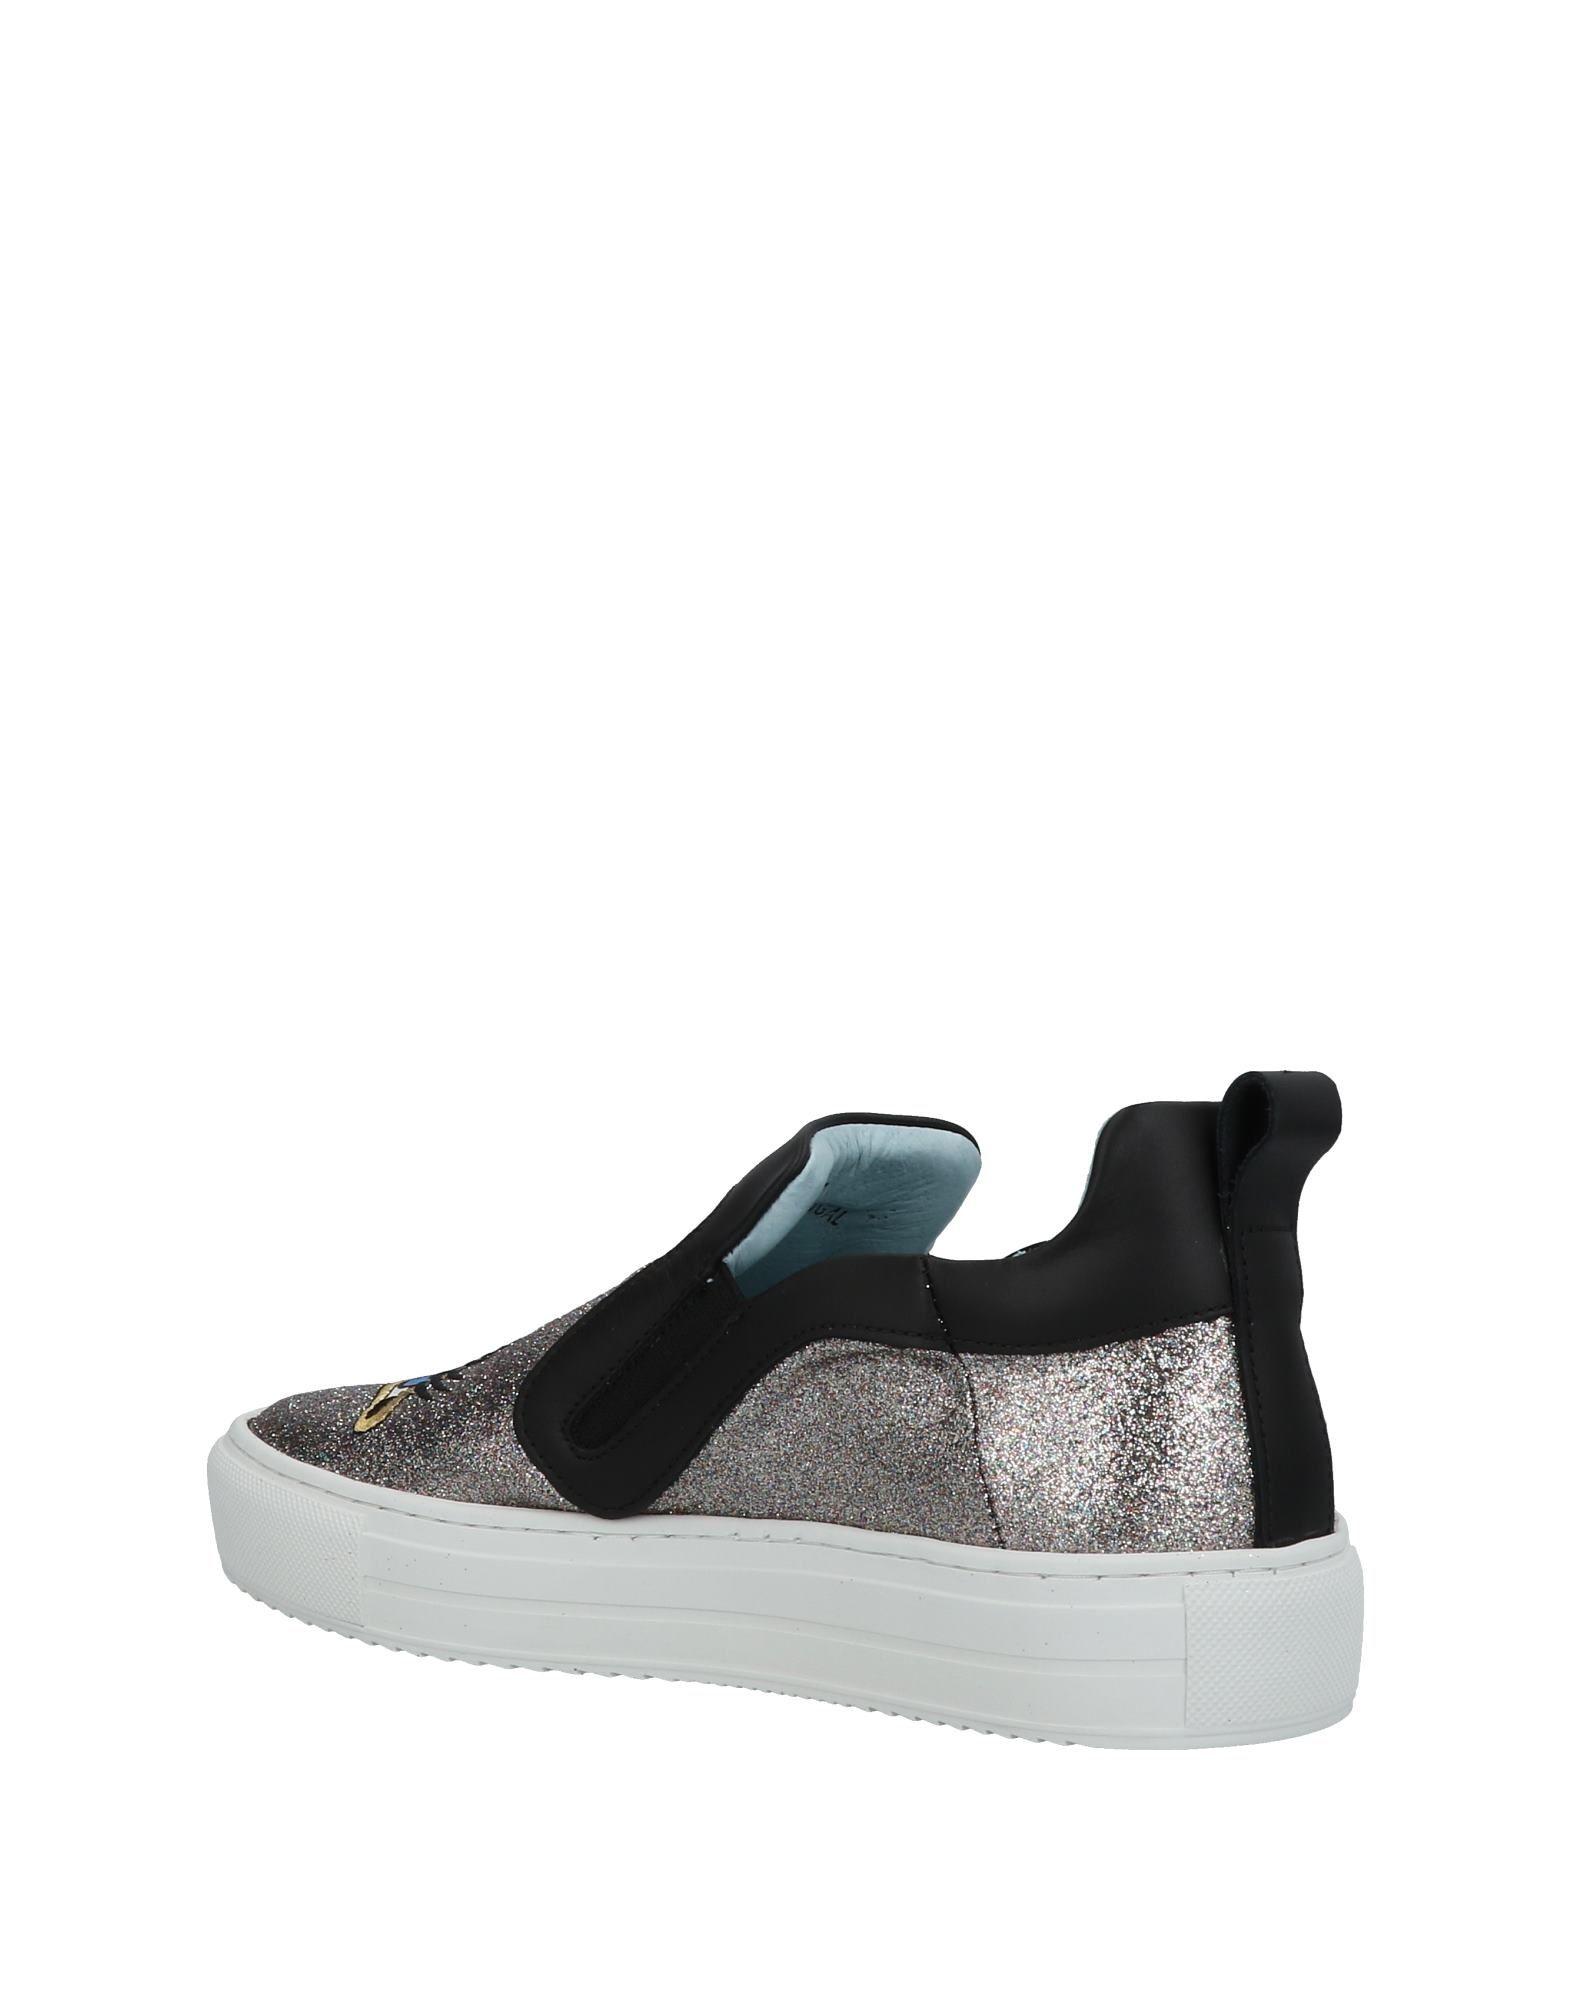 Apologie Sneakers Damen  11431498PK Gute Qualität beliebte Schuhe